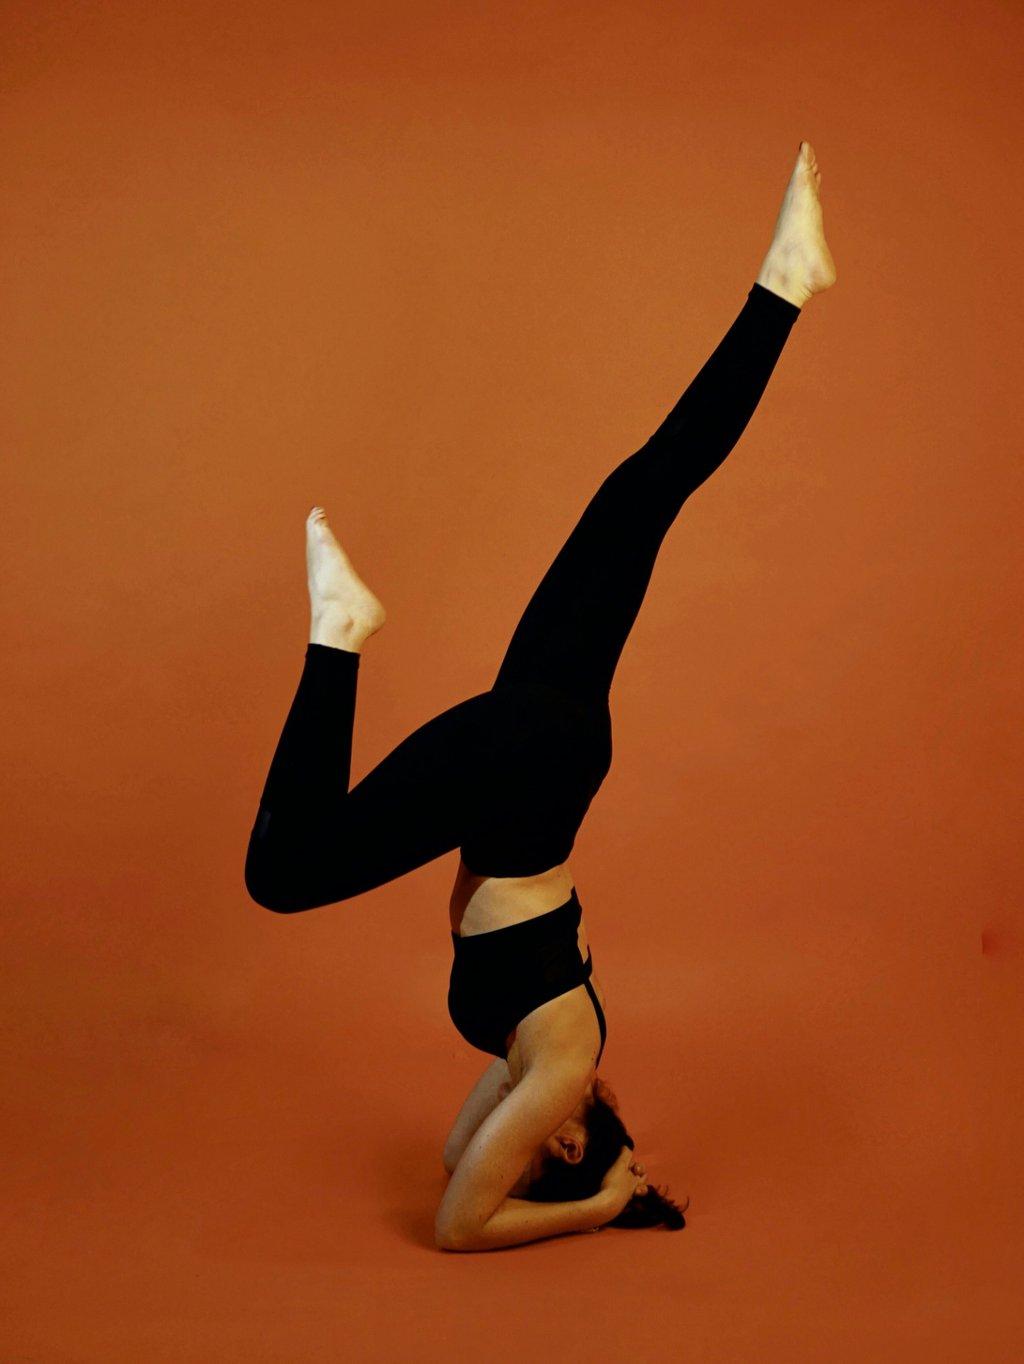 Femme qui porte une tenue de sport de la marque AZ/AR. Elle a les mains sur le sol et les pieds en l'air